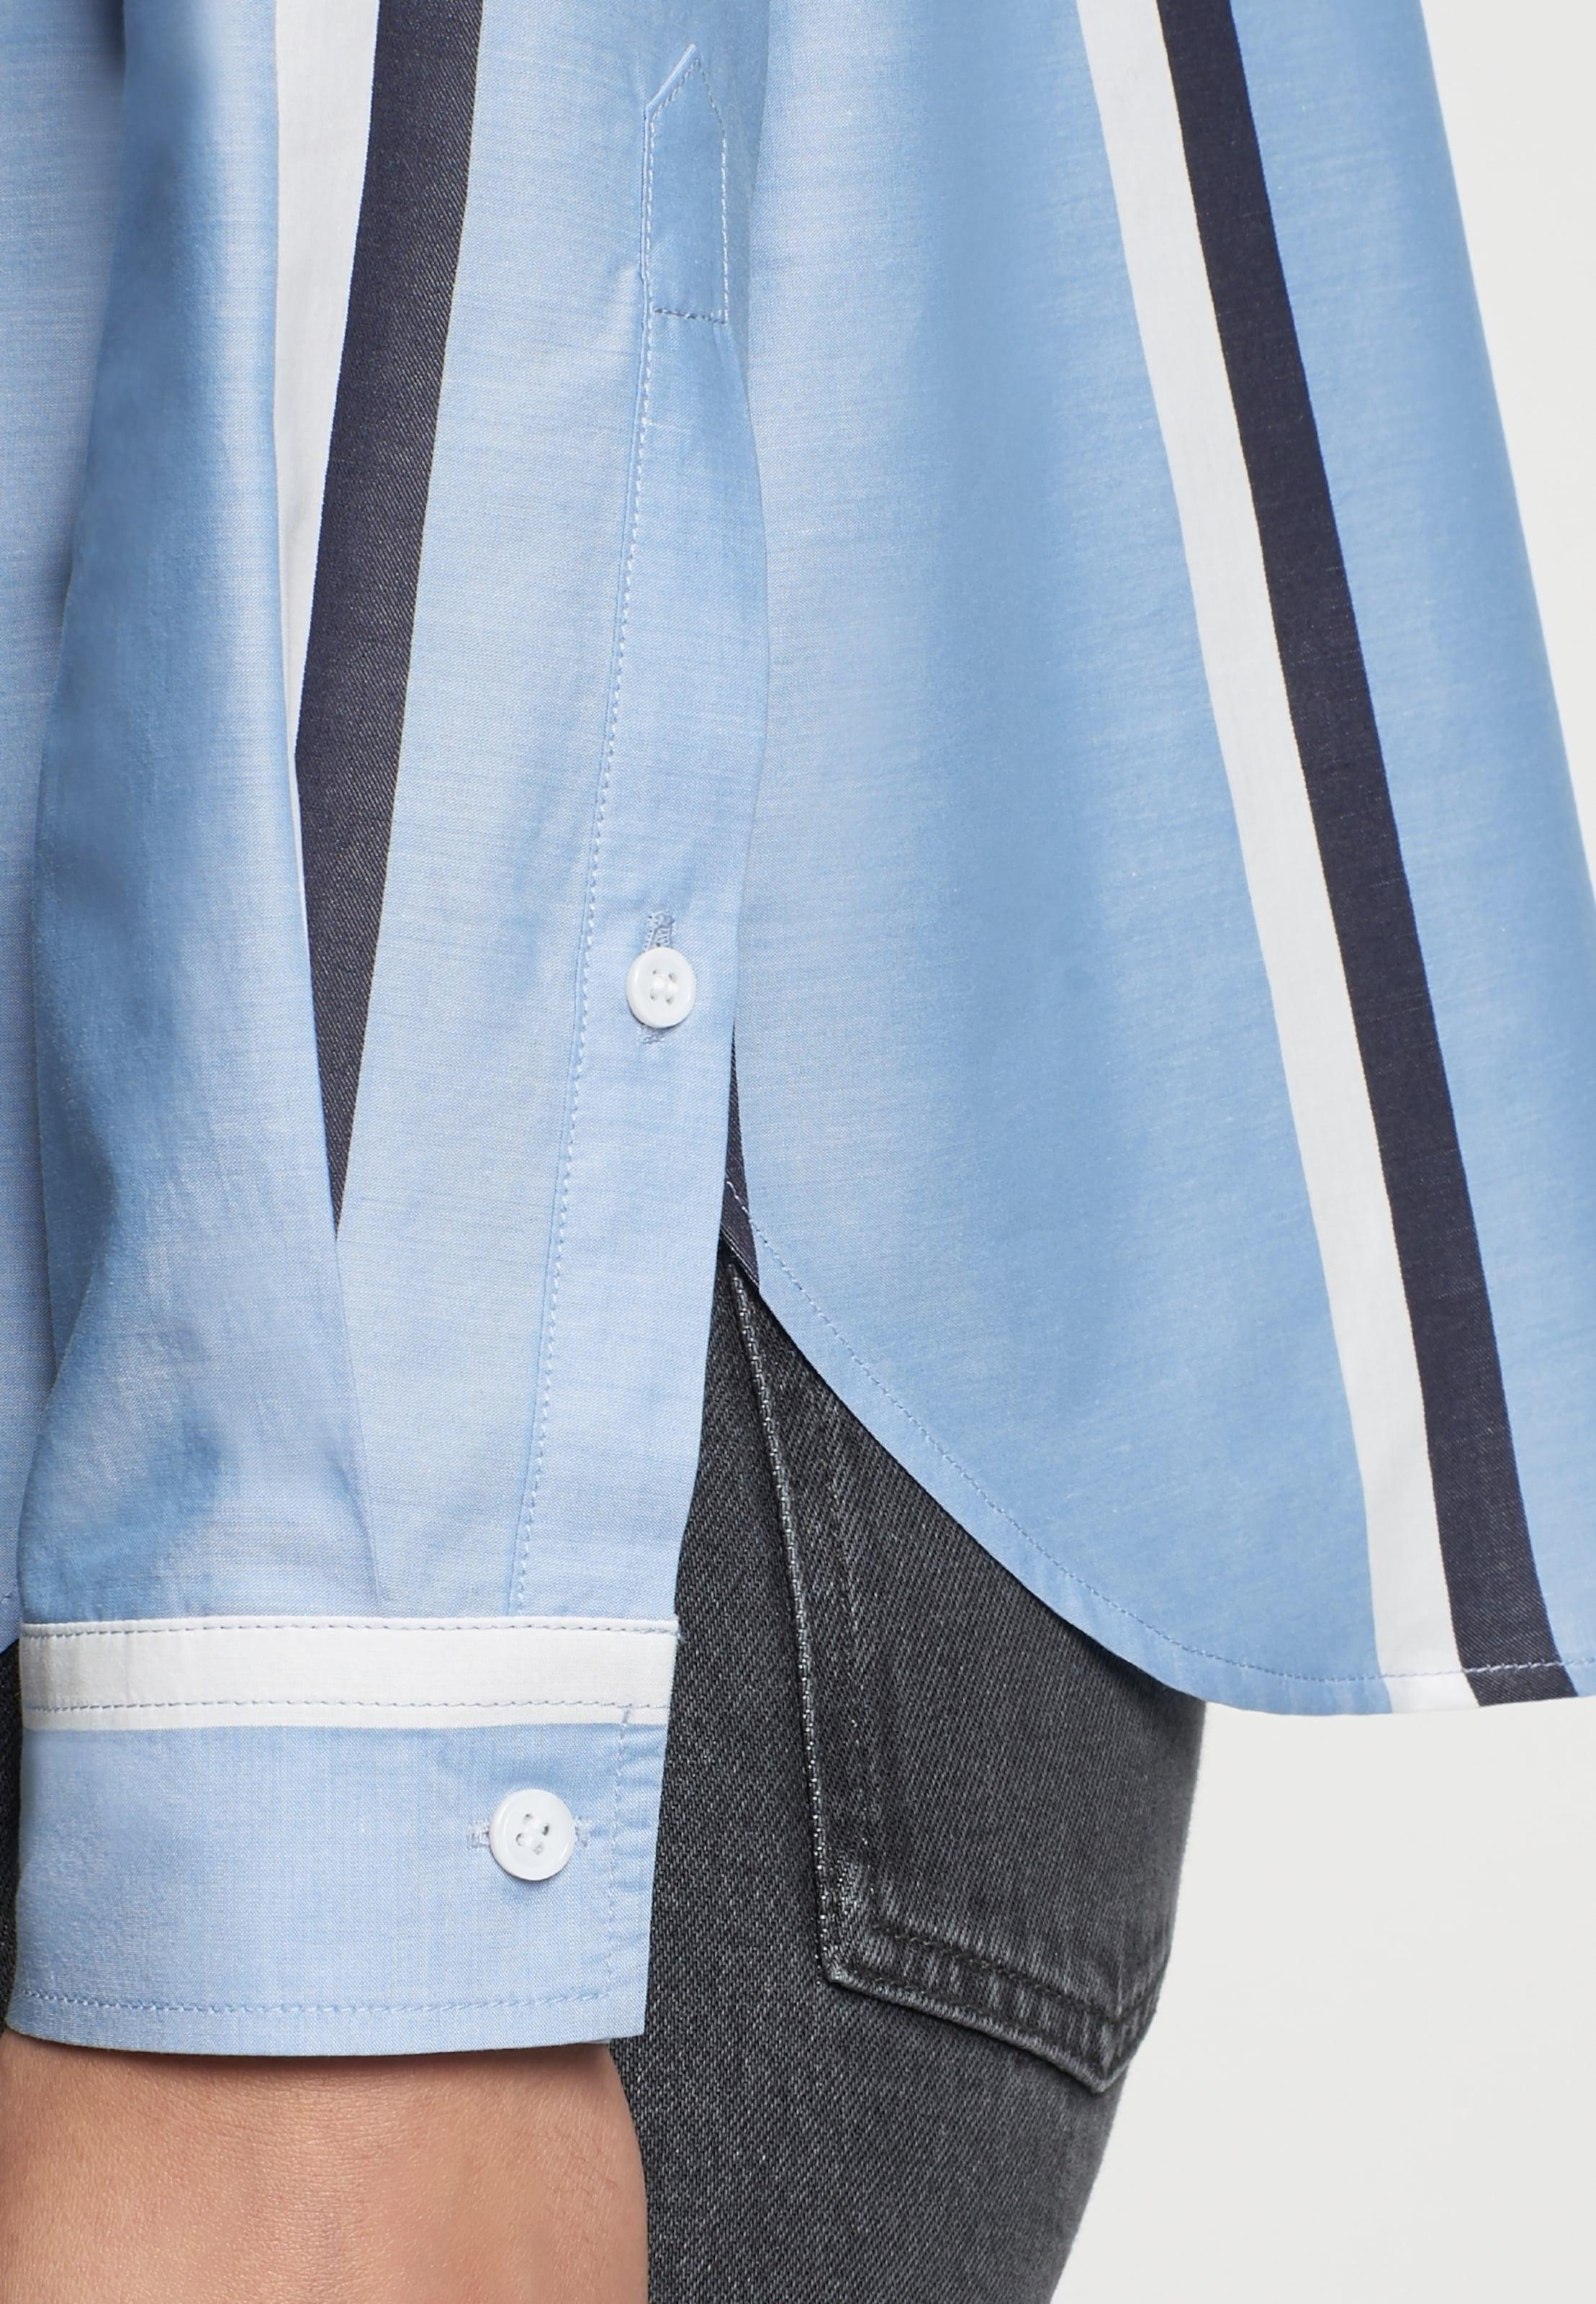 Seidensticker Bluse Weiß MarineHellblau In Rose' 'schwarze WEIH9D2